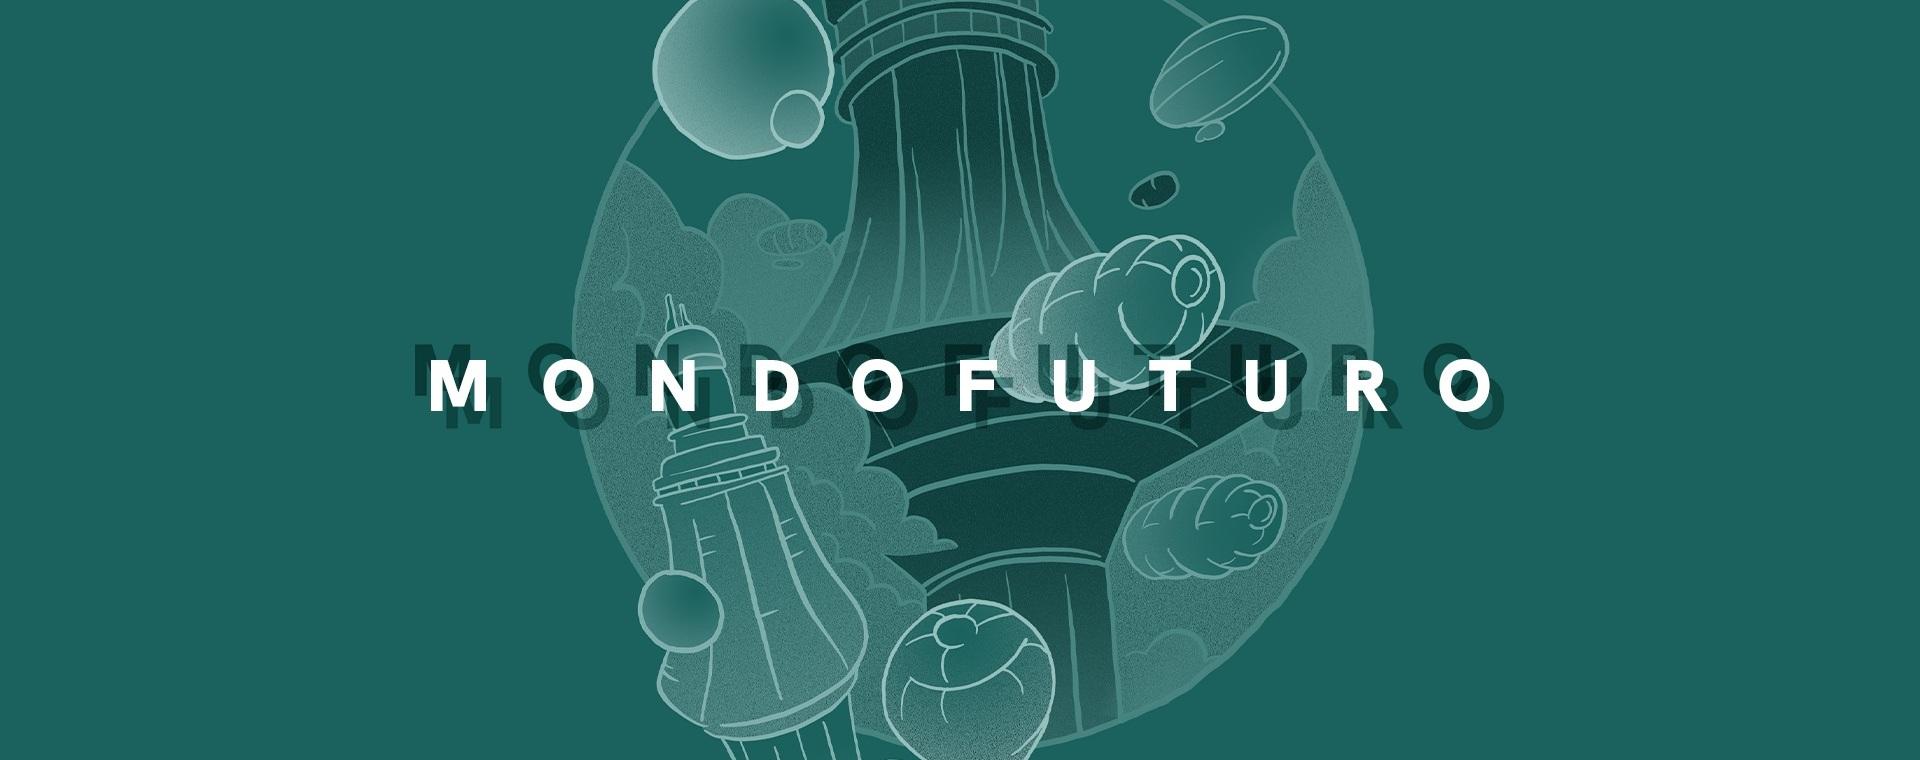 M O N D O F U T U R O: incontri di scienza, fantascienza e futurologia